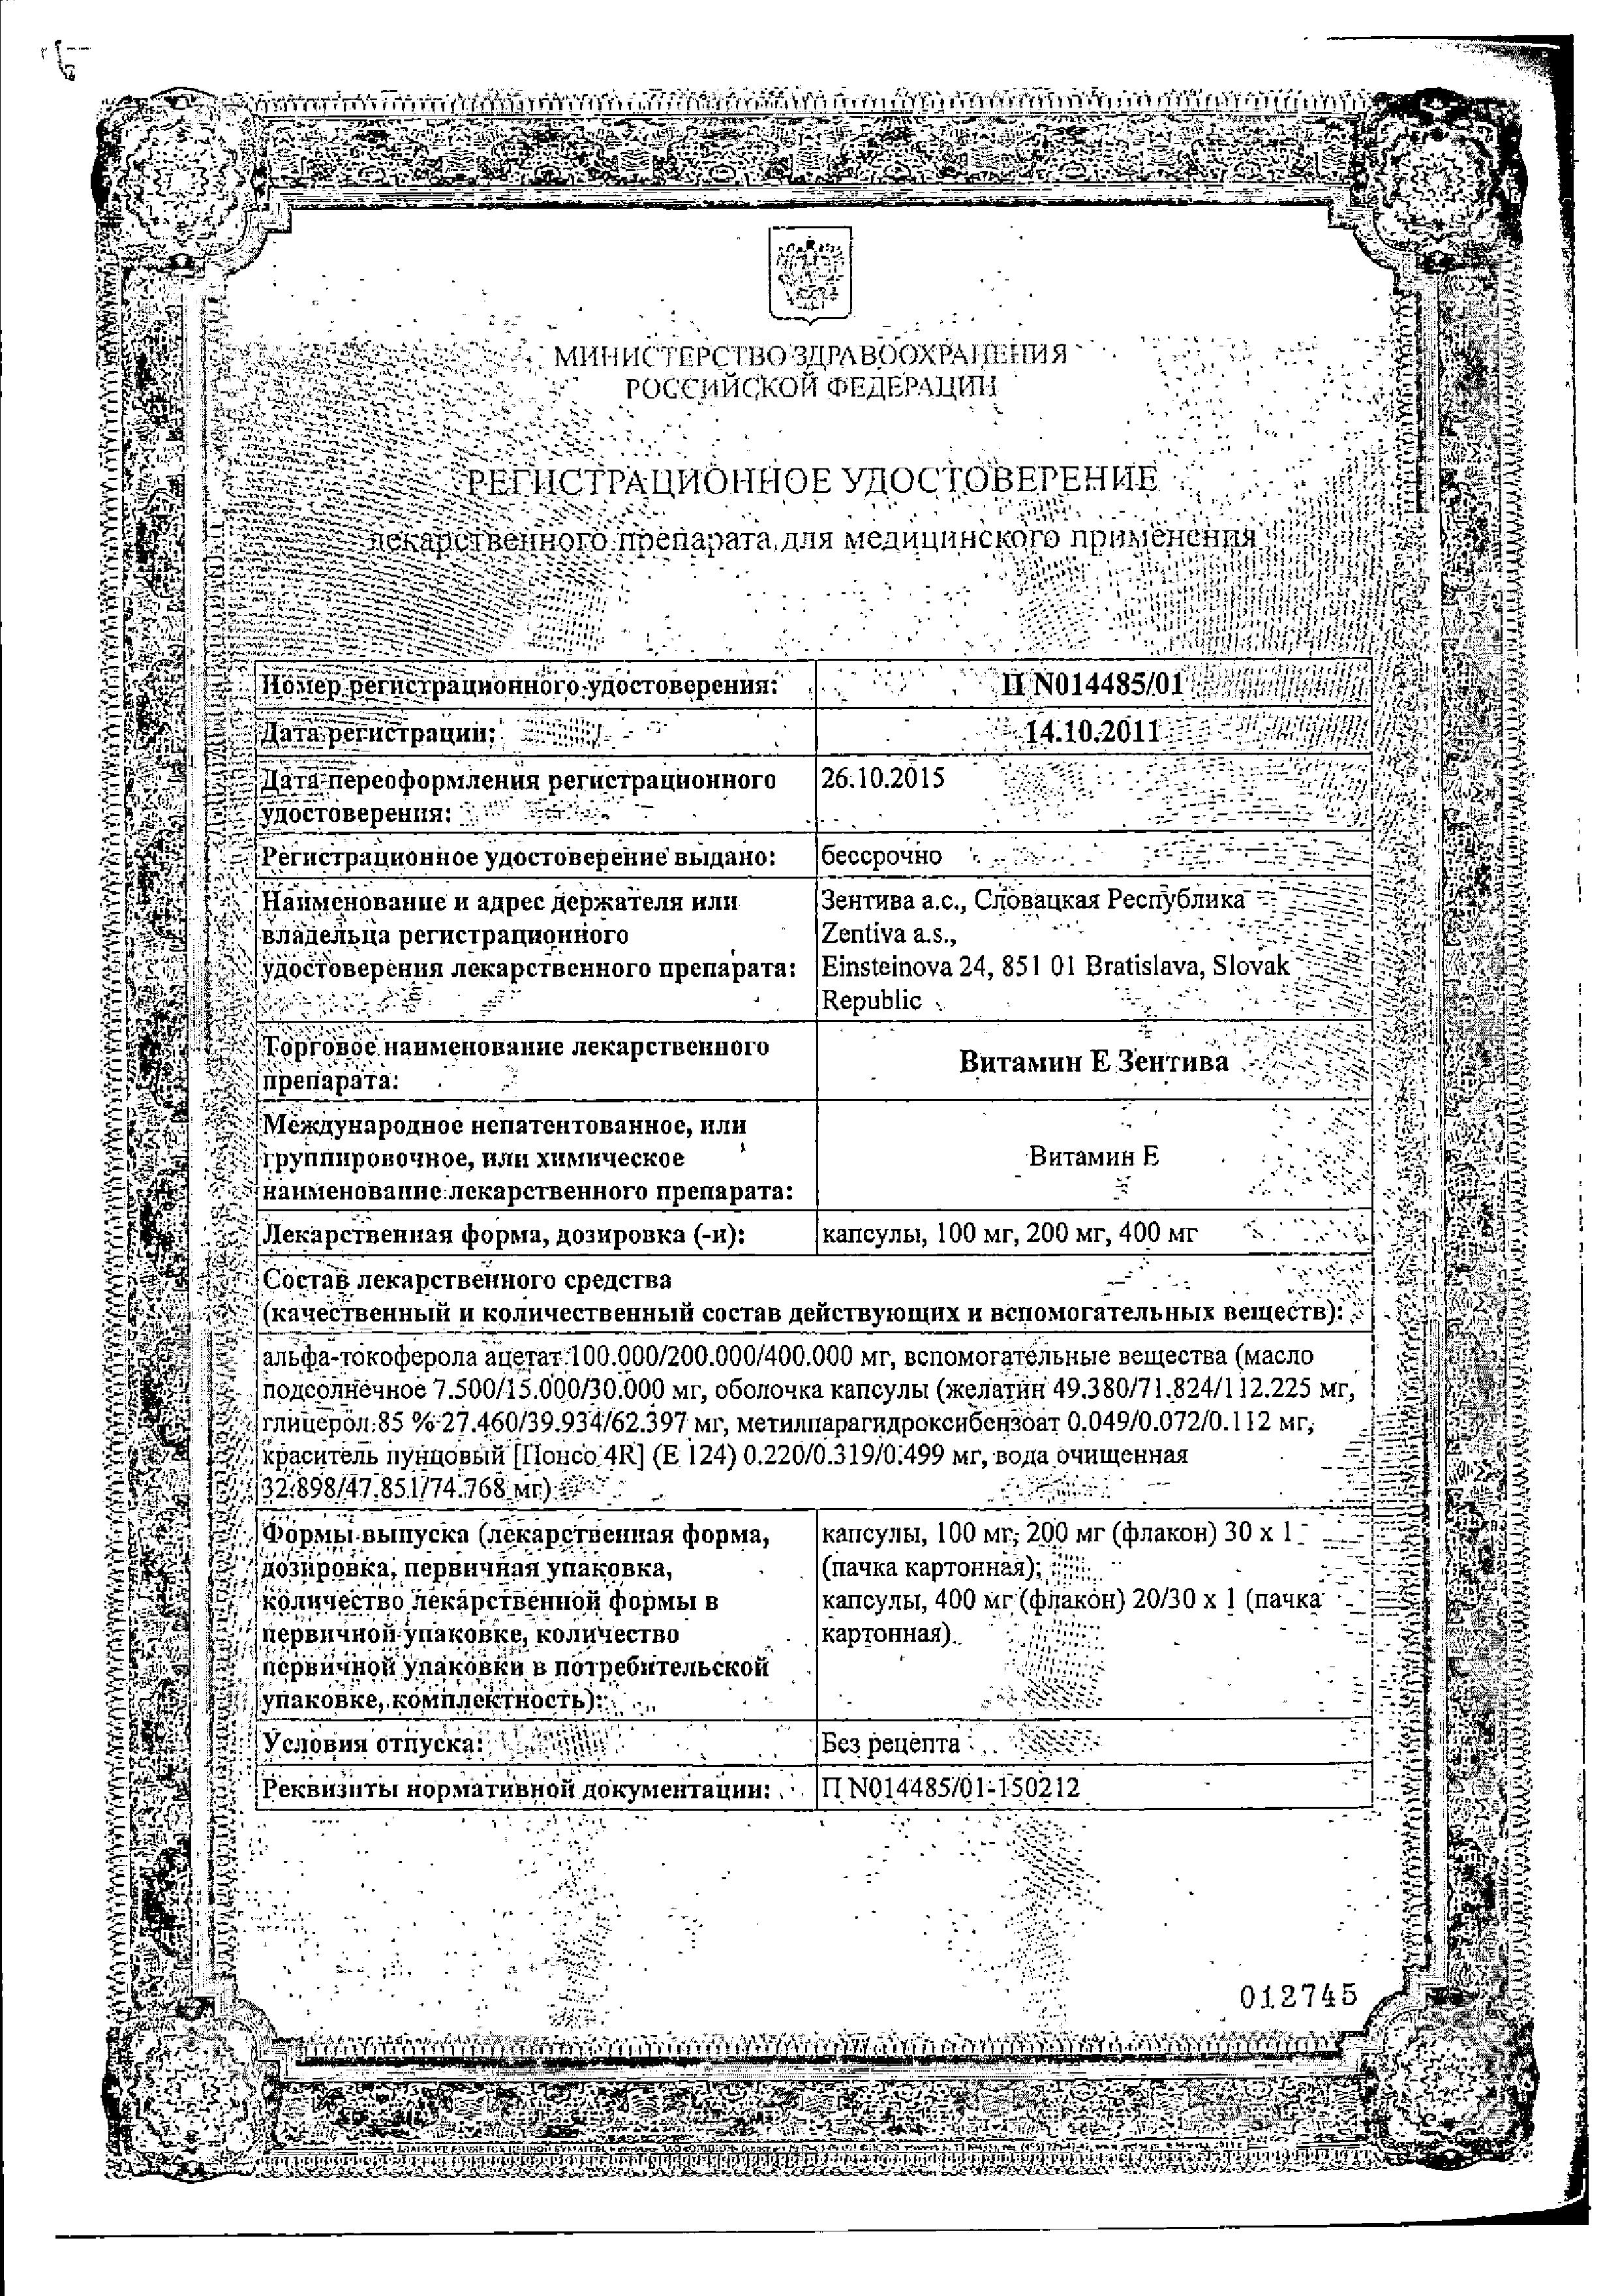 Витамин E Зентива сертификат